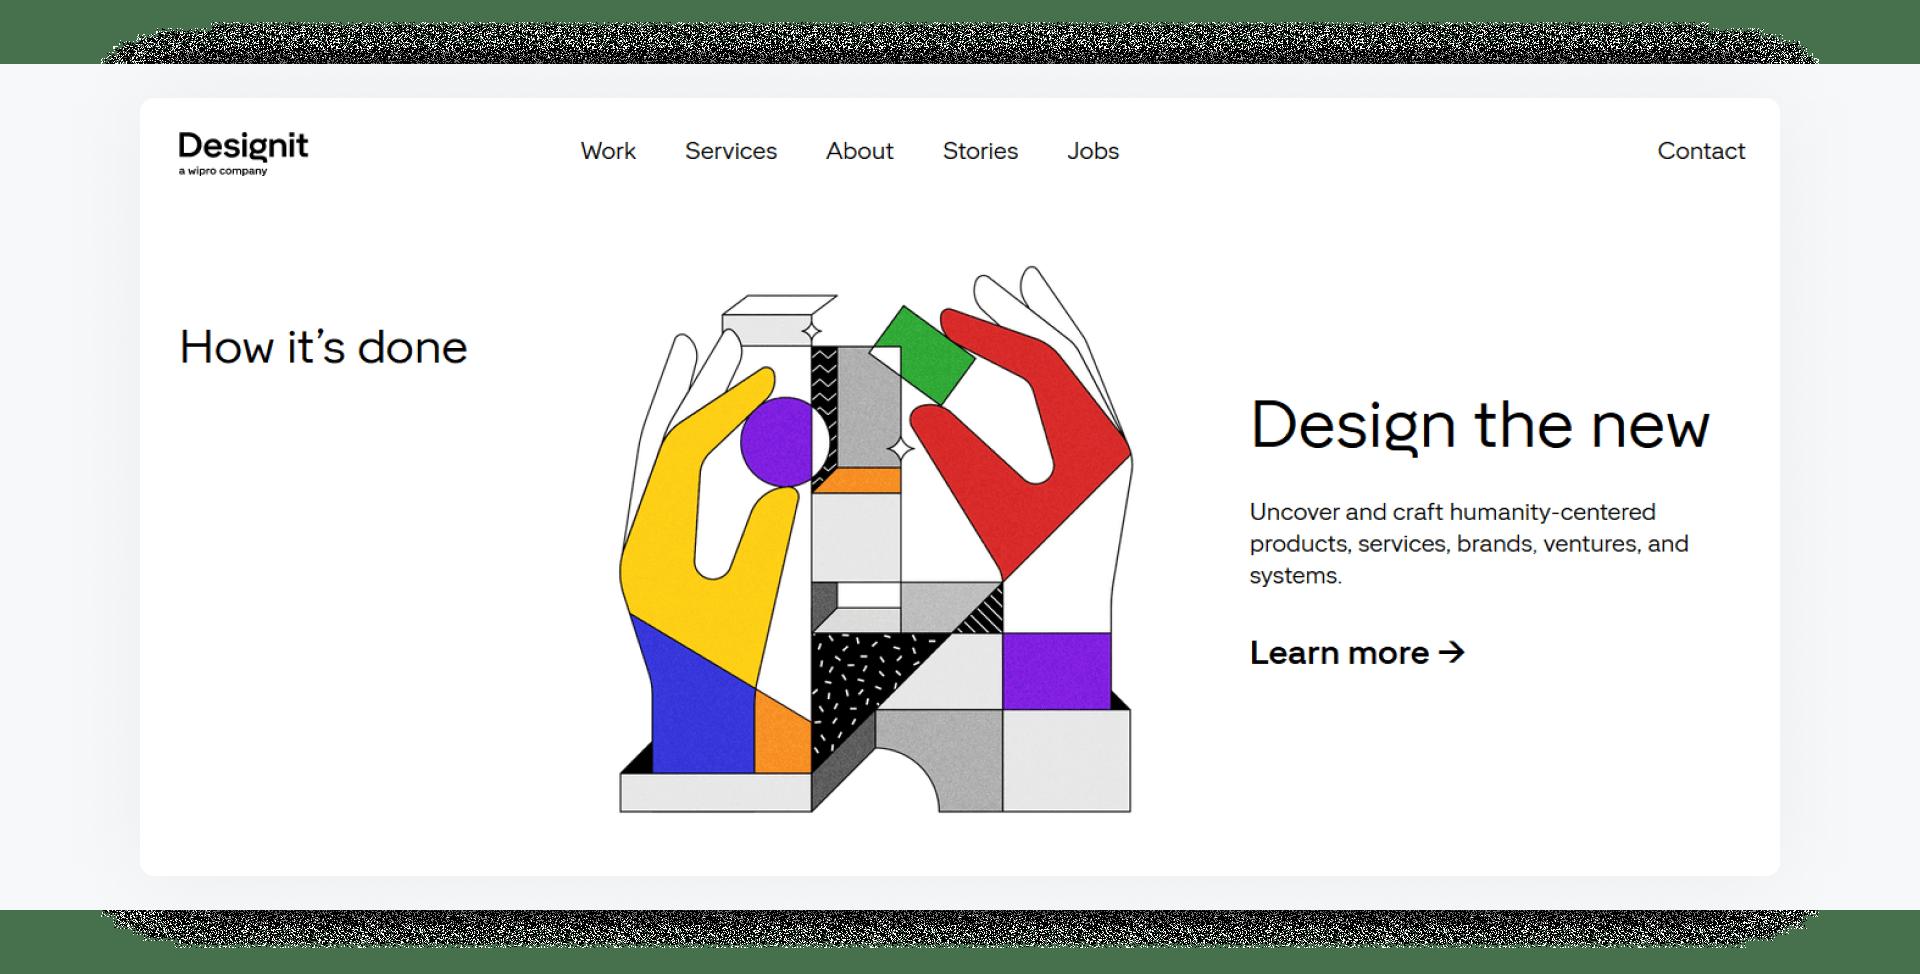 Designit - development company home page